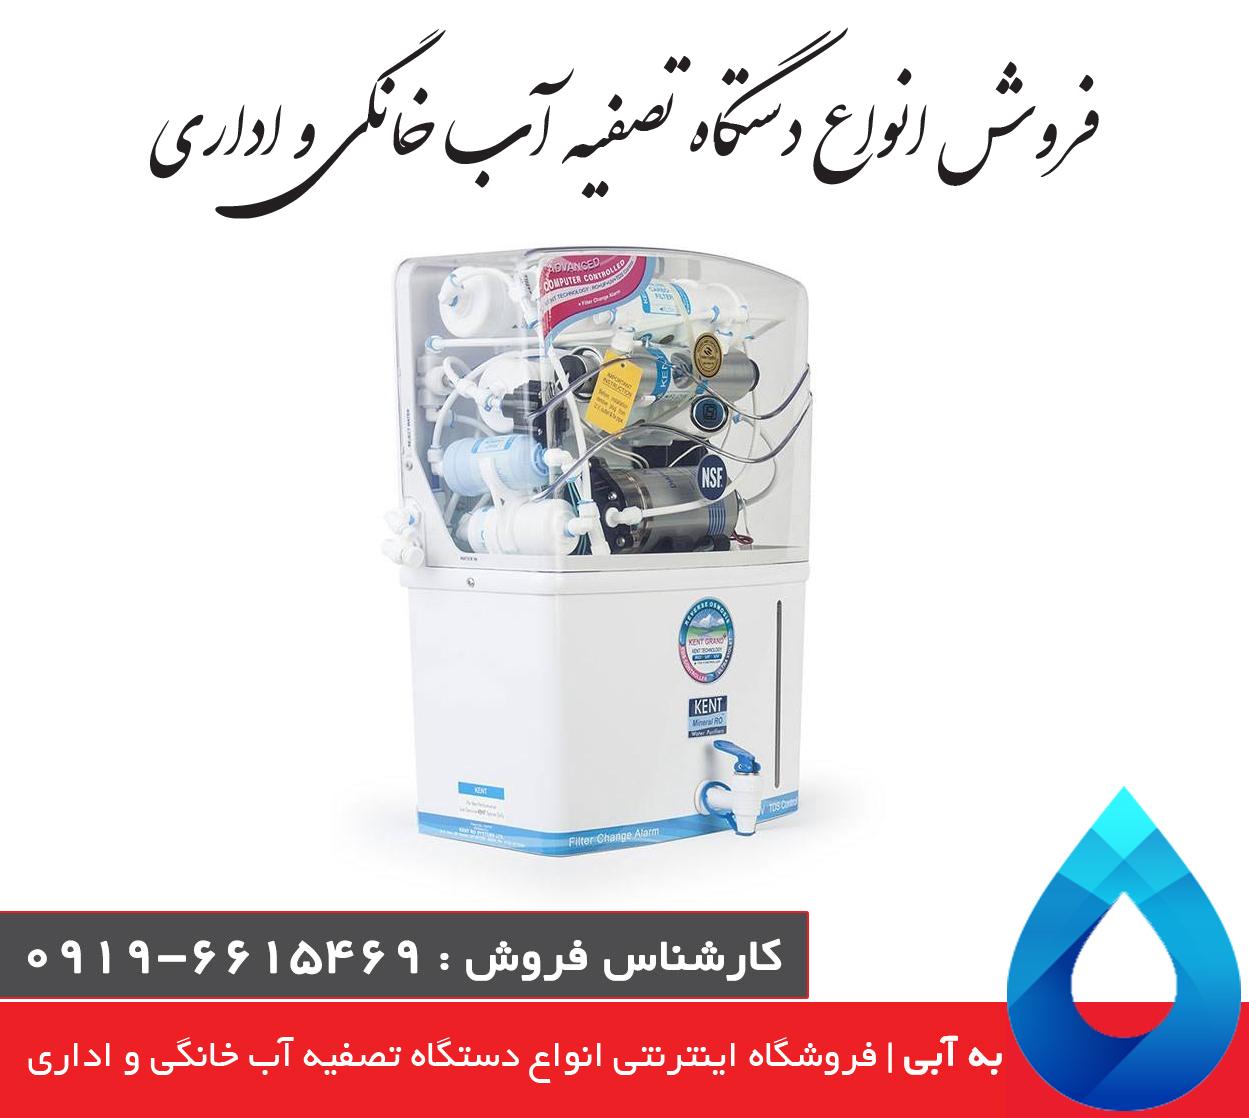 دستگاه تصفیه آب کنت